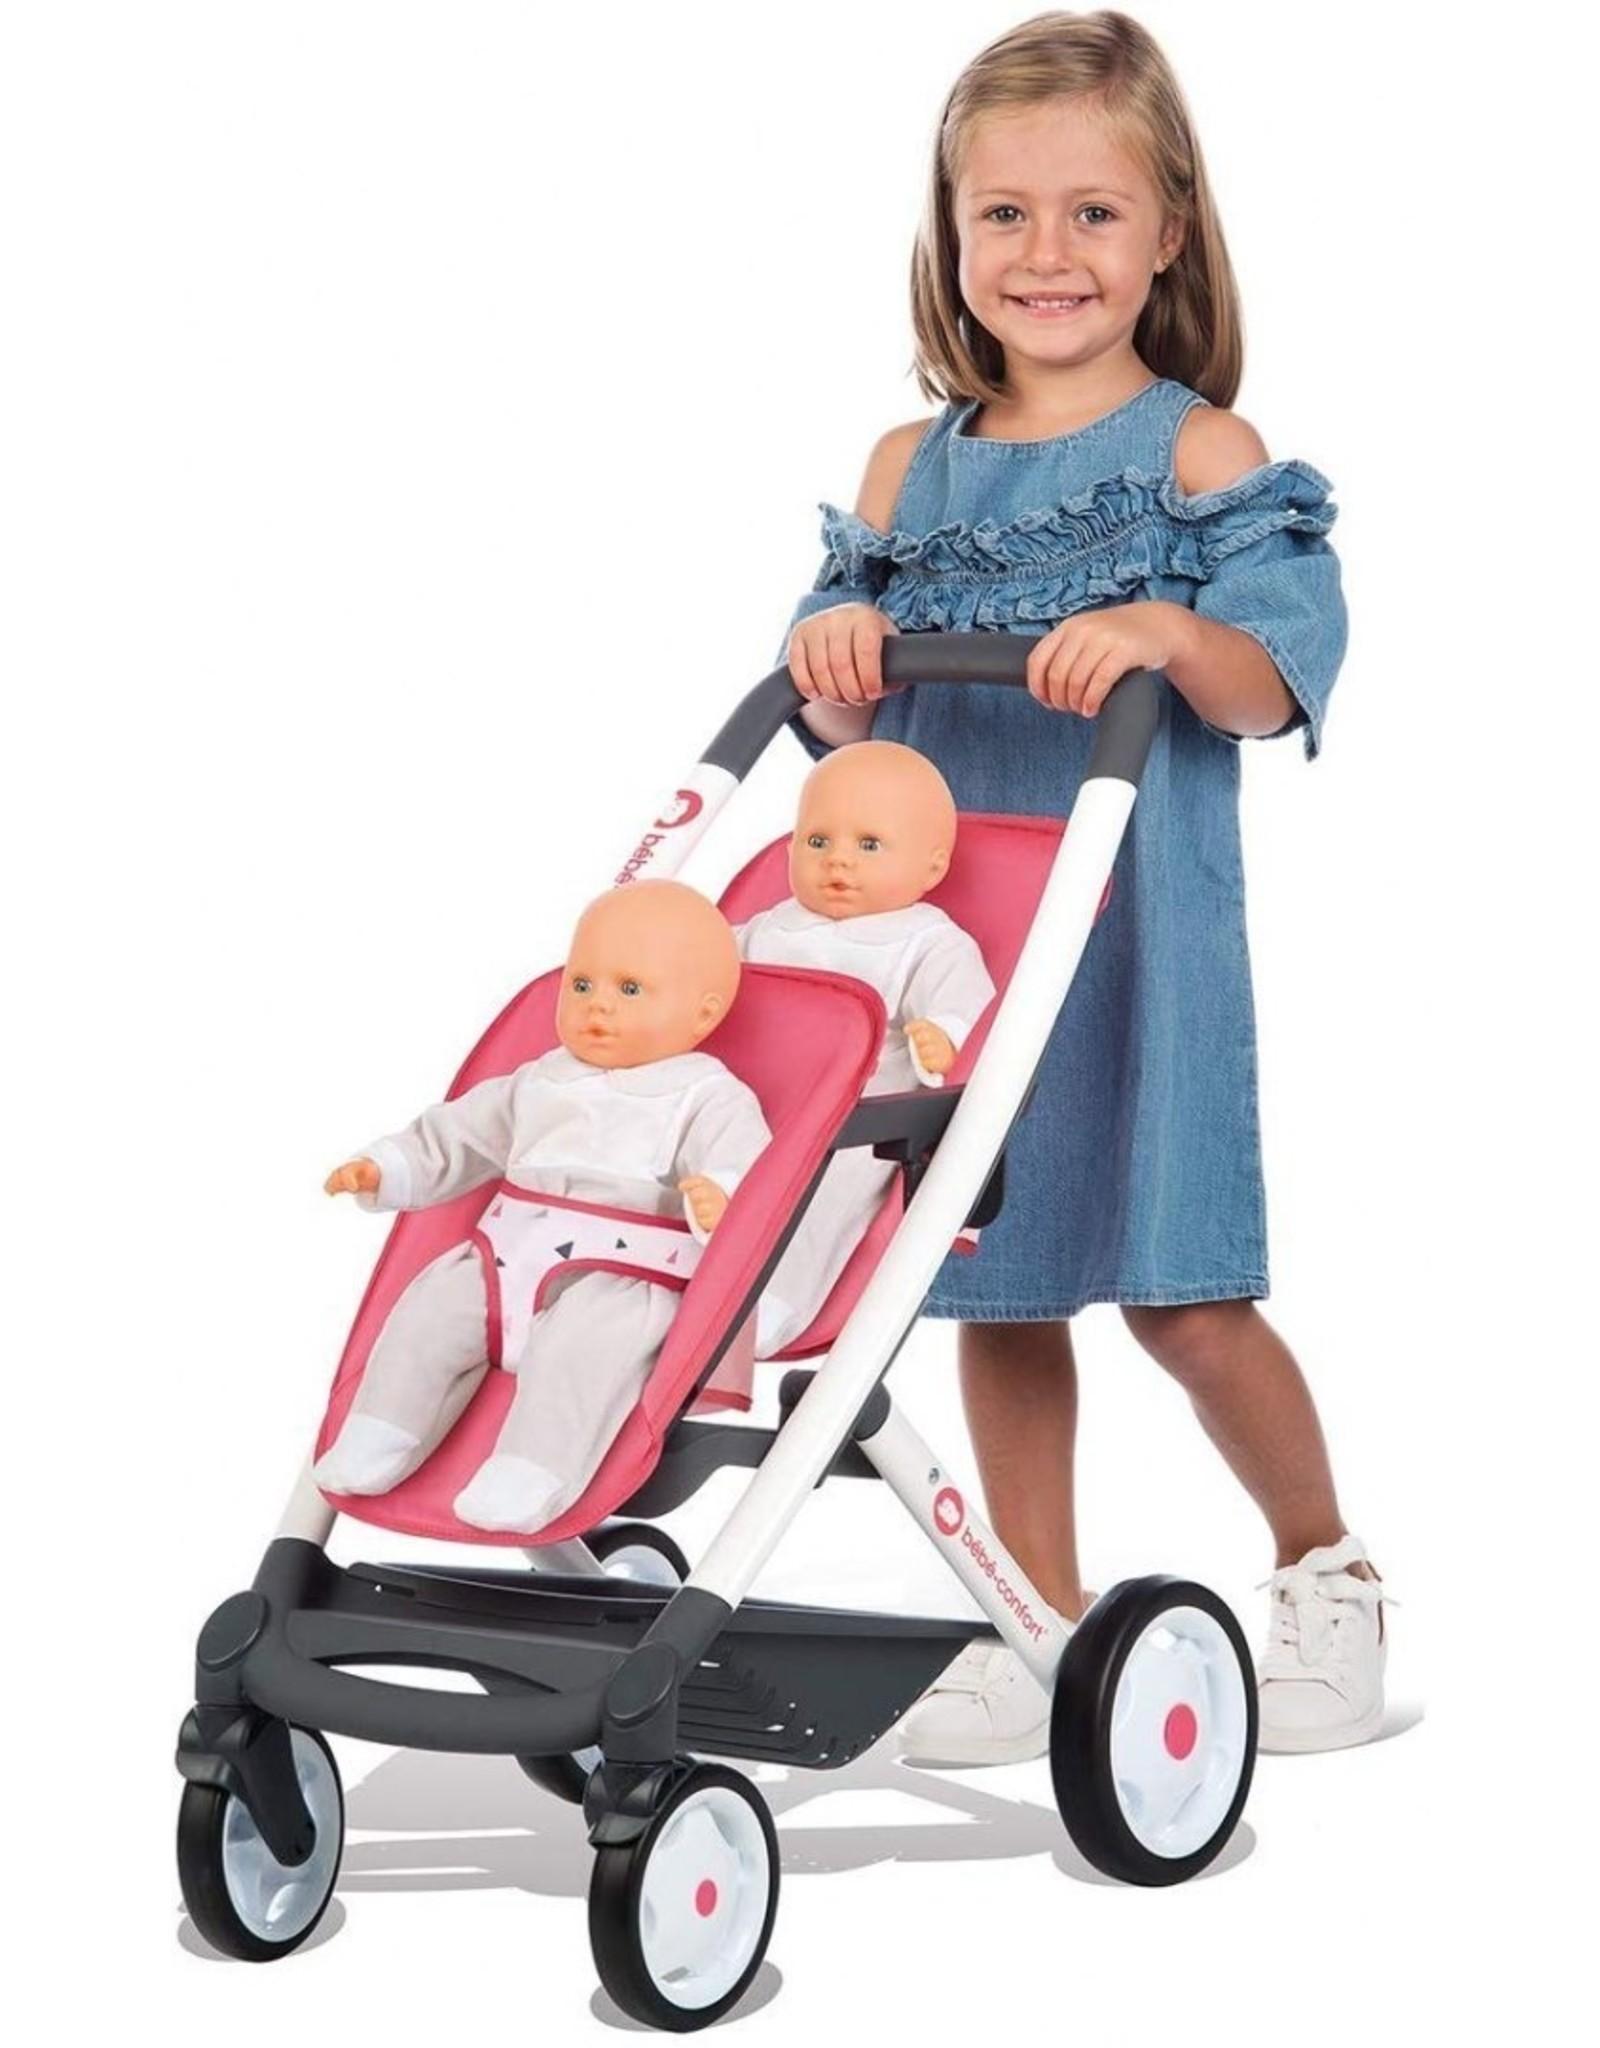 Smoby Smoby BB-Confort Tweeling kinderwagen